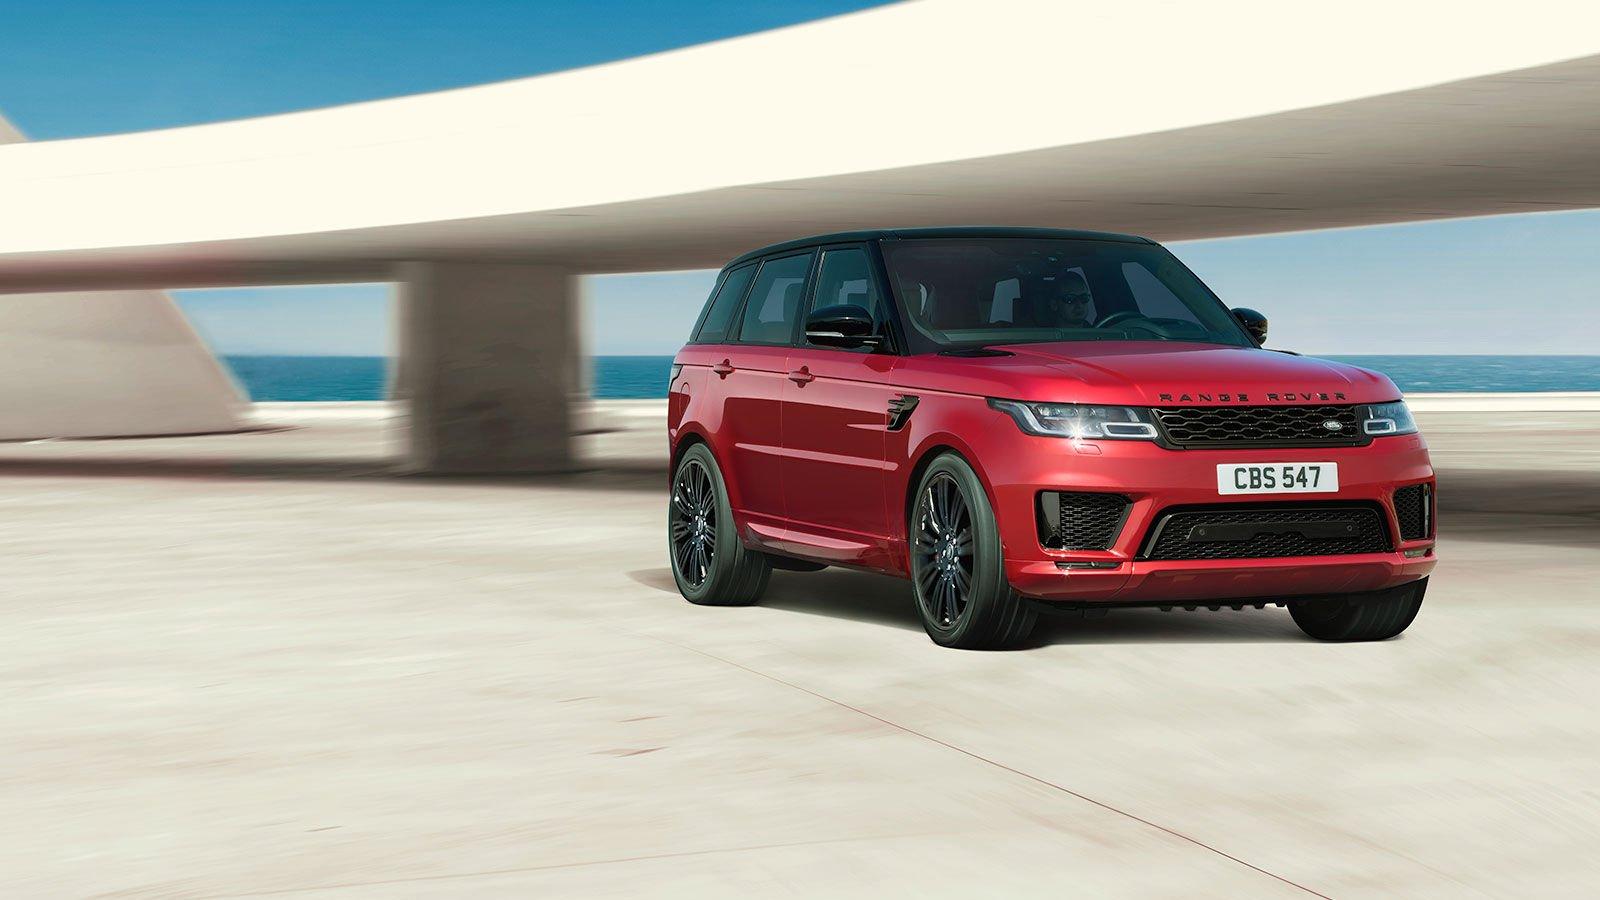 La Land Rover Range Rover Sport 2020 es una SUV mediana de lujo